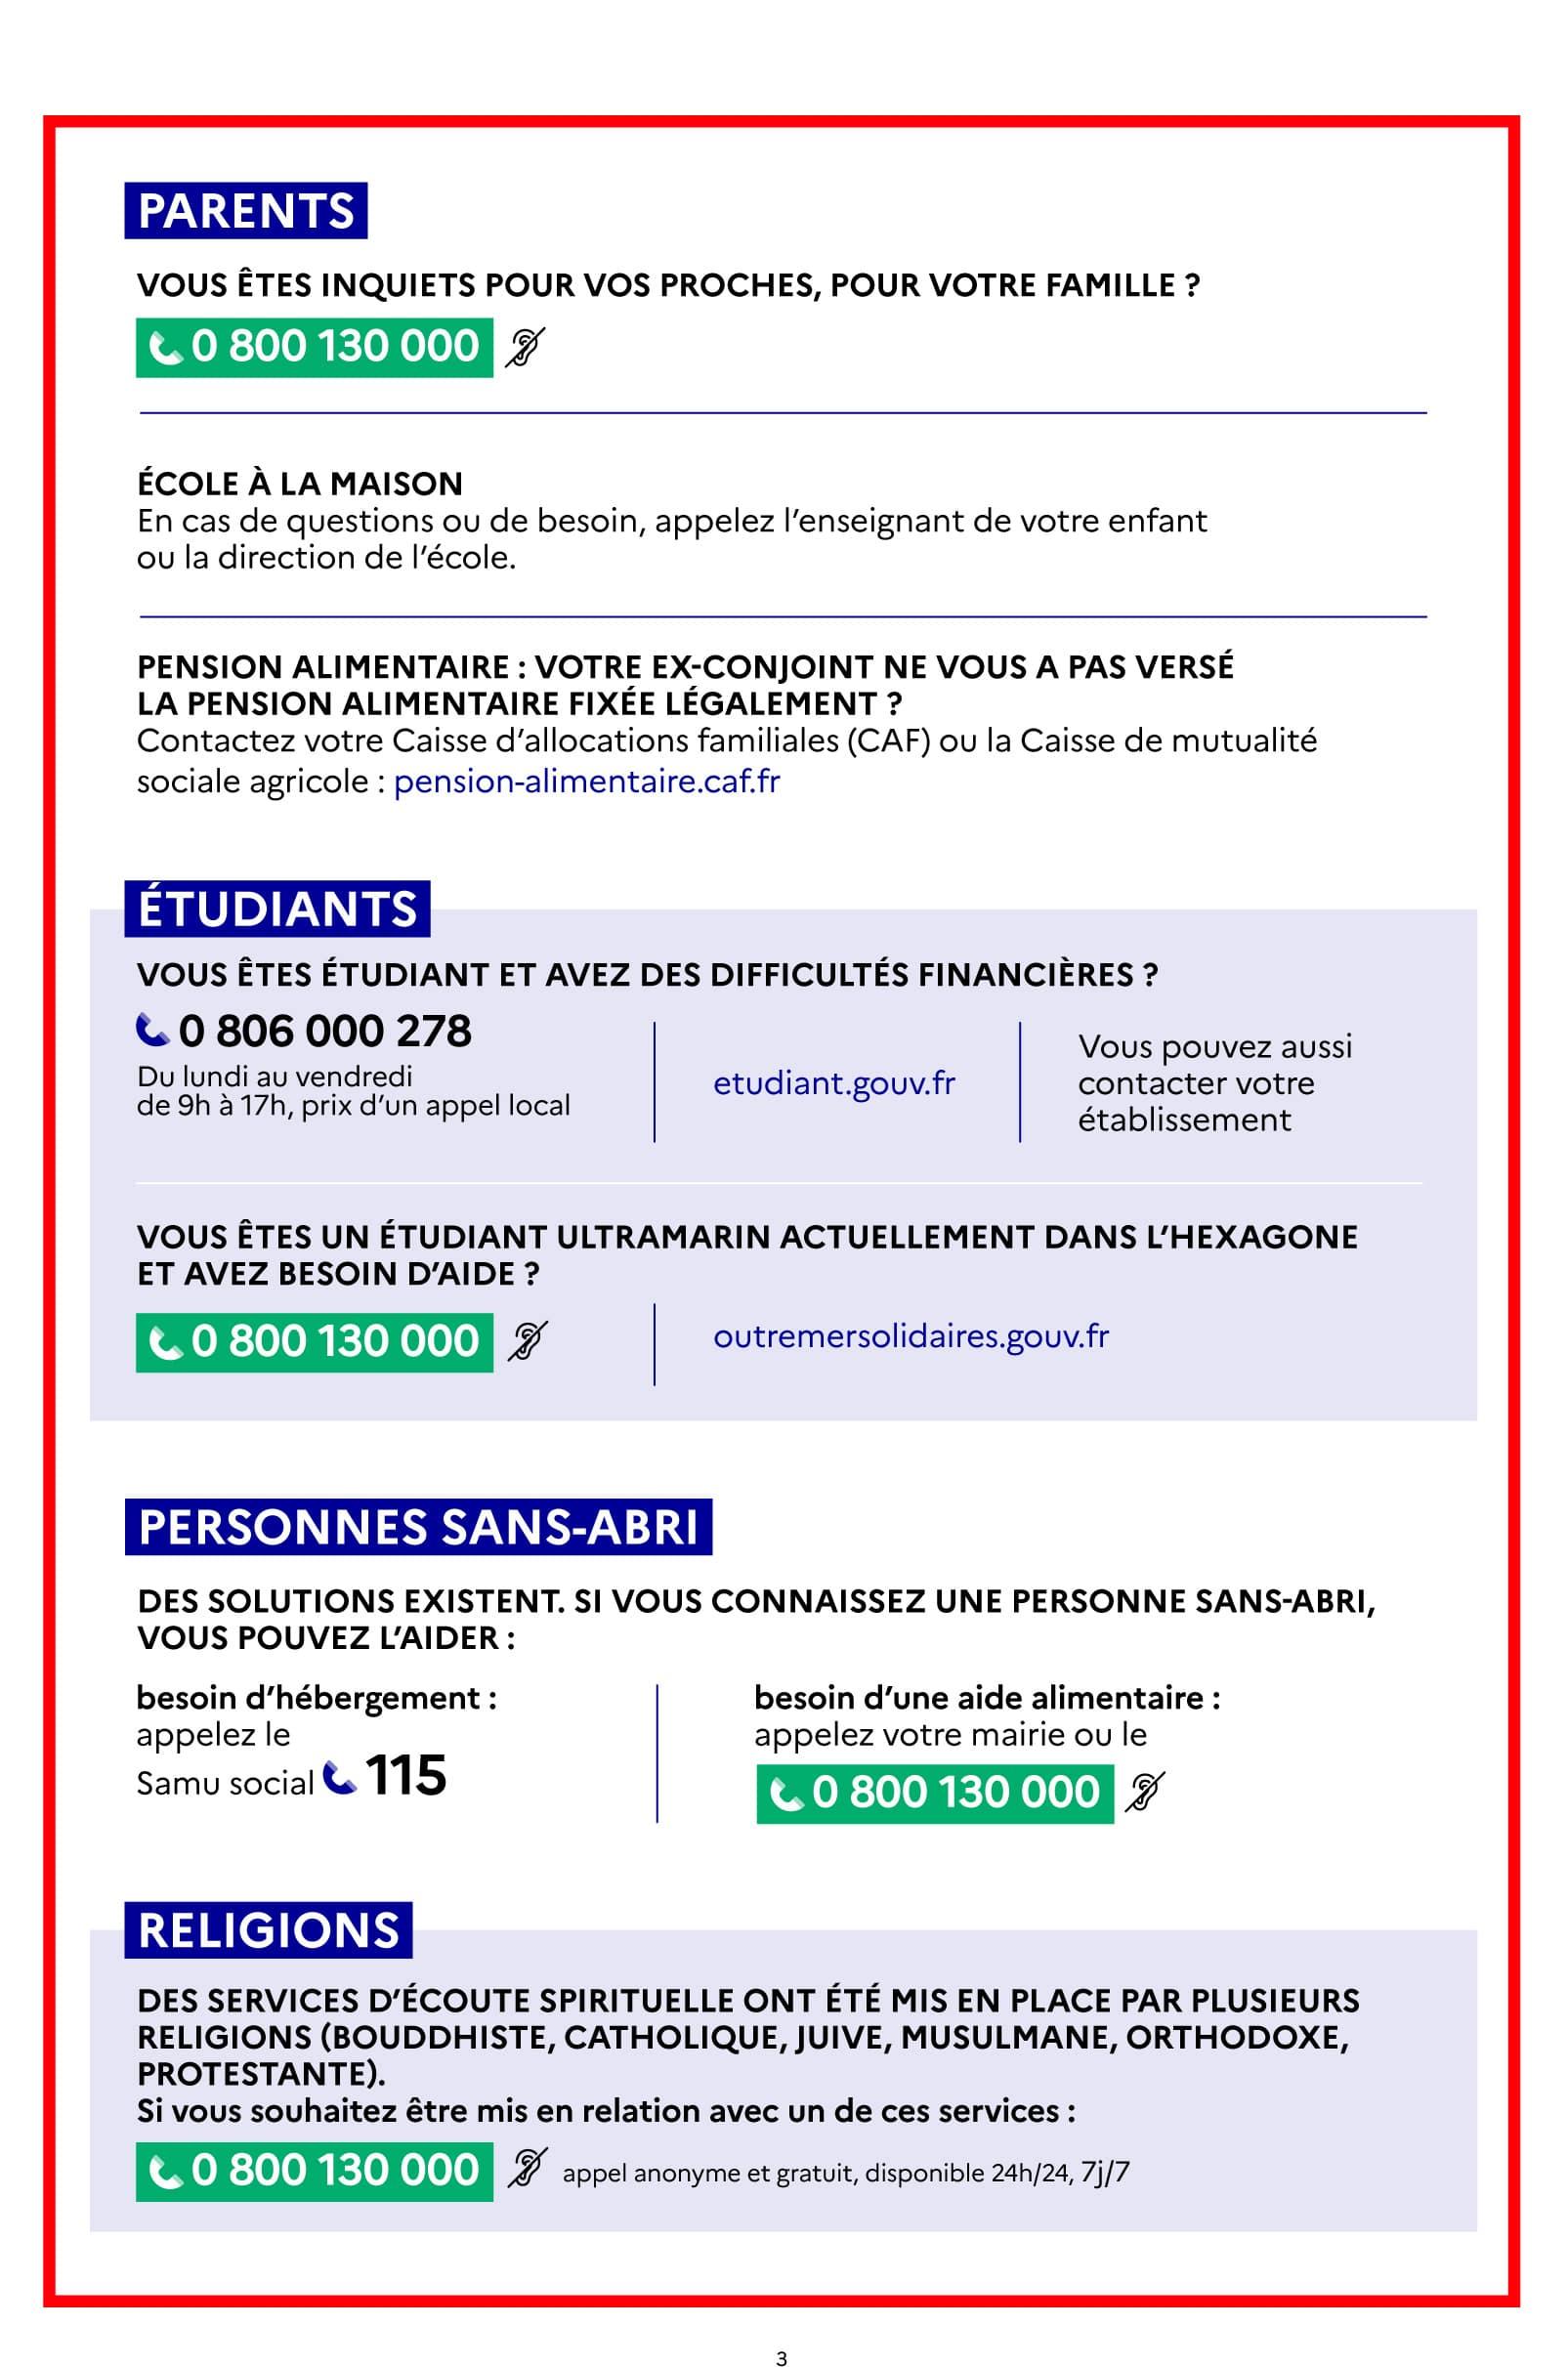 Guide Covid19 Livreta5 4